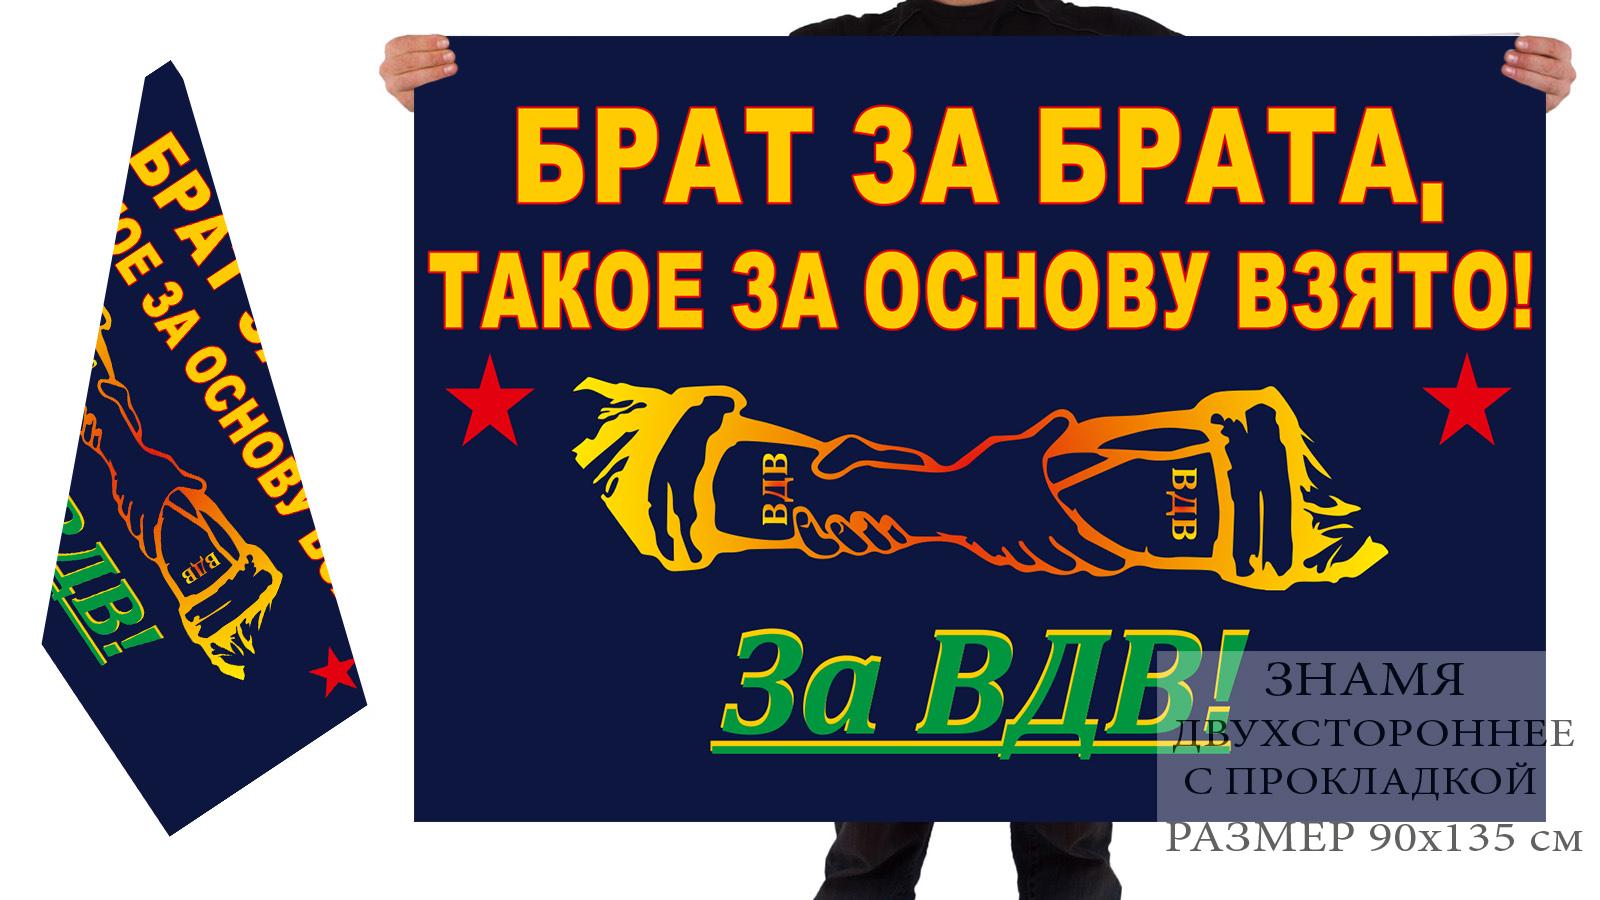 Двусторонний флаг ВДВ заказать в подарок